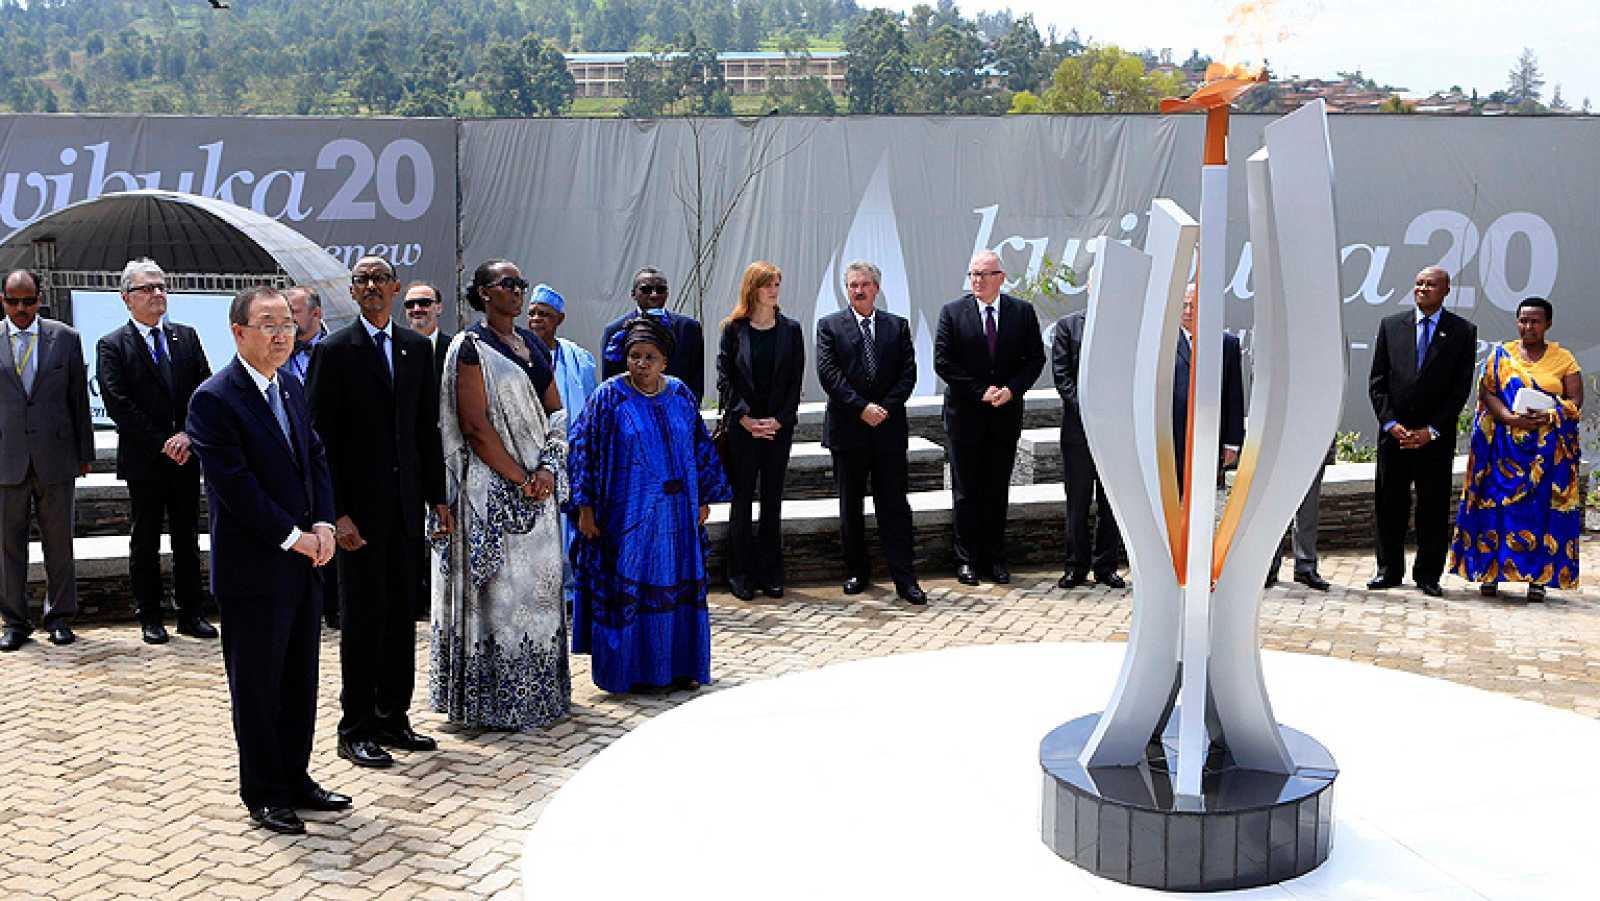 Polémica en el vigésimo aniversario del genocidio de Ruanda, en el que murieron 800.000 personas